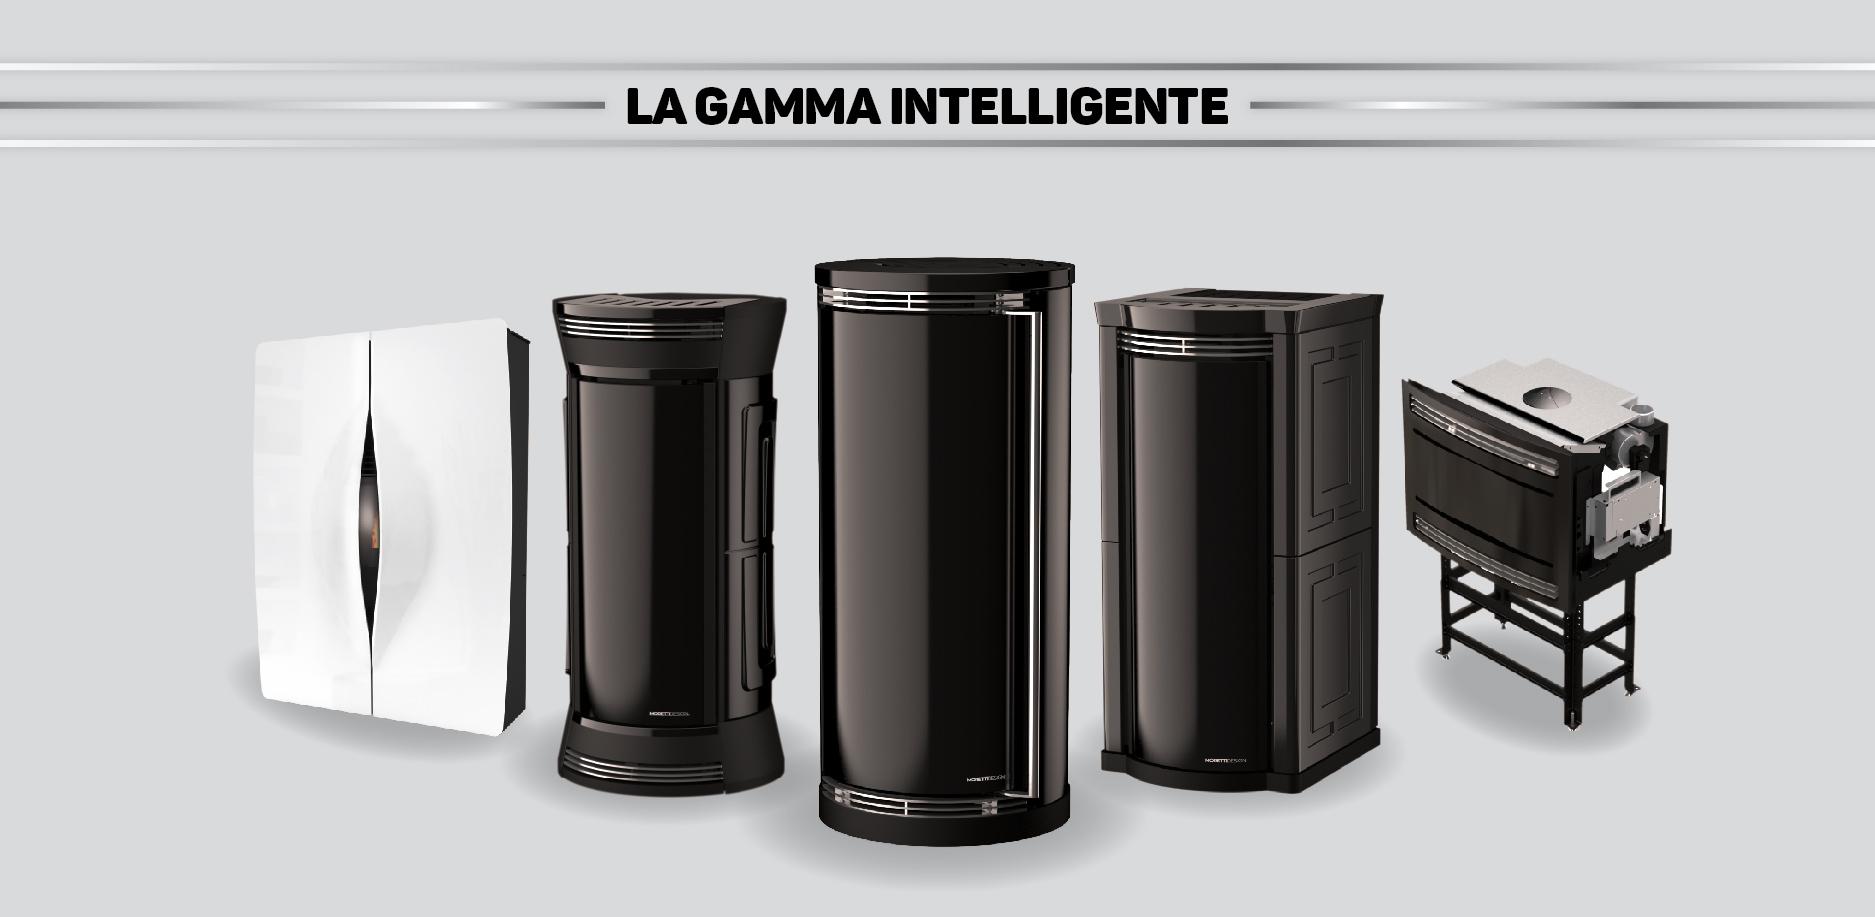 Le stufe a pellet della Gamma Intelligente Moretti Design